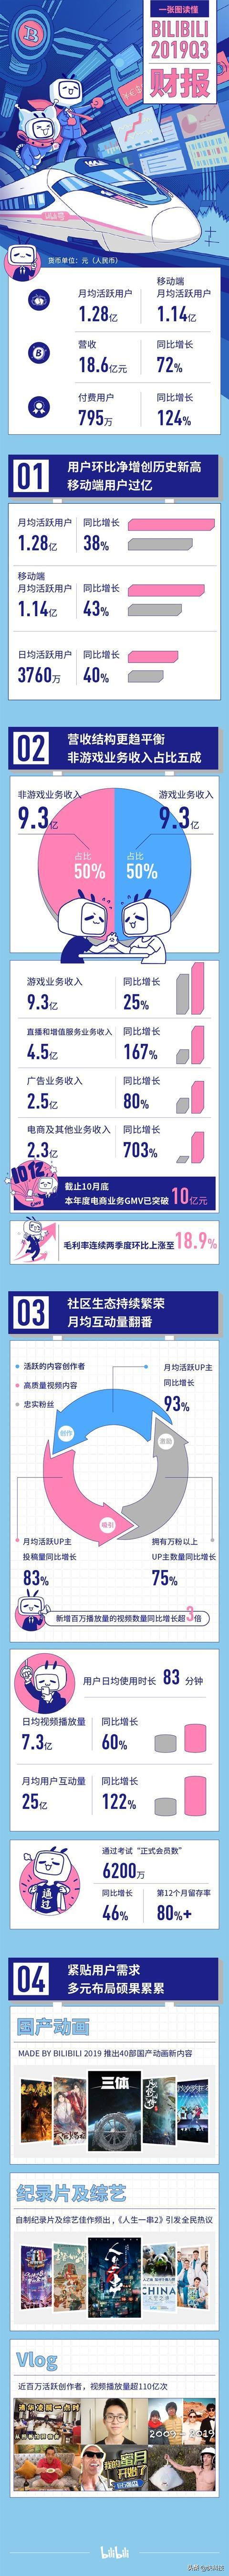 超乎预期 B站发布Q3财报:营收达18.6亿元 同比增长72%